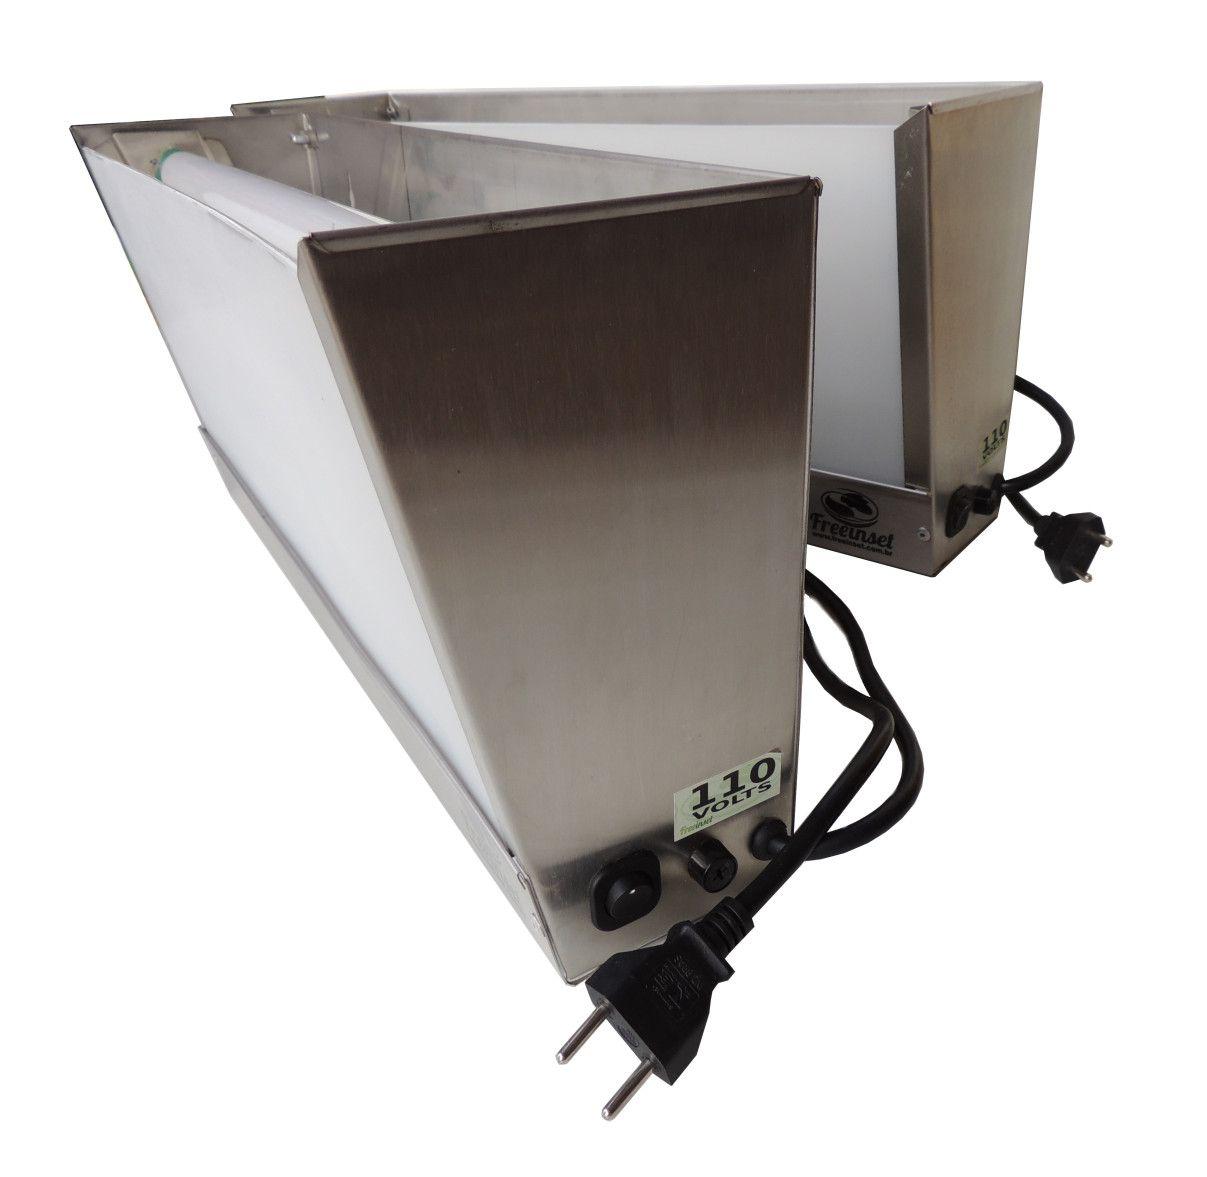 Kit 10 refis + Armadilhas Luminosas TOP, 30w, até 50m², 220V, Aço Inox Escovado, Matar Moscas e Mosquitos